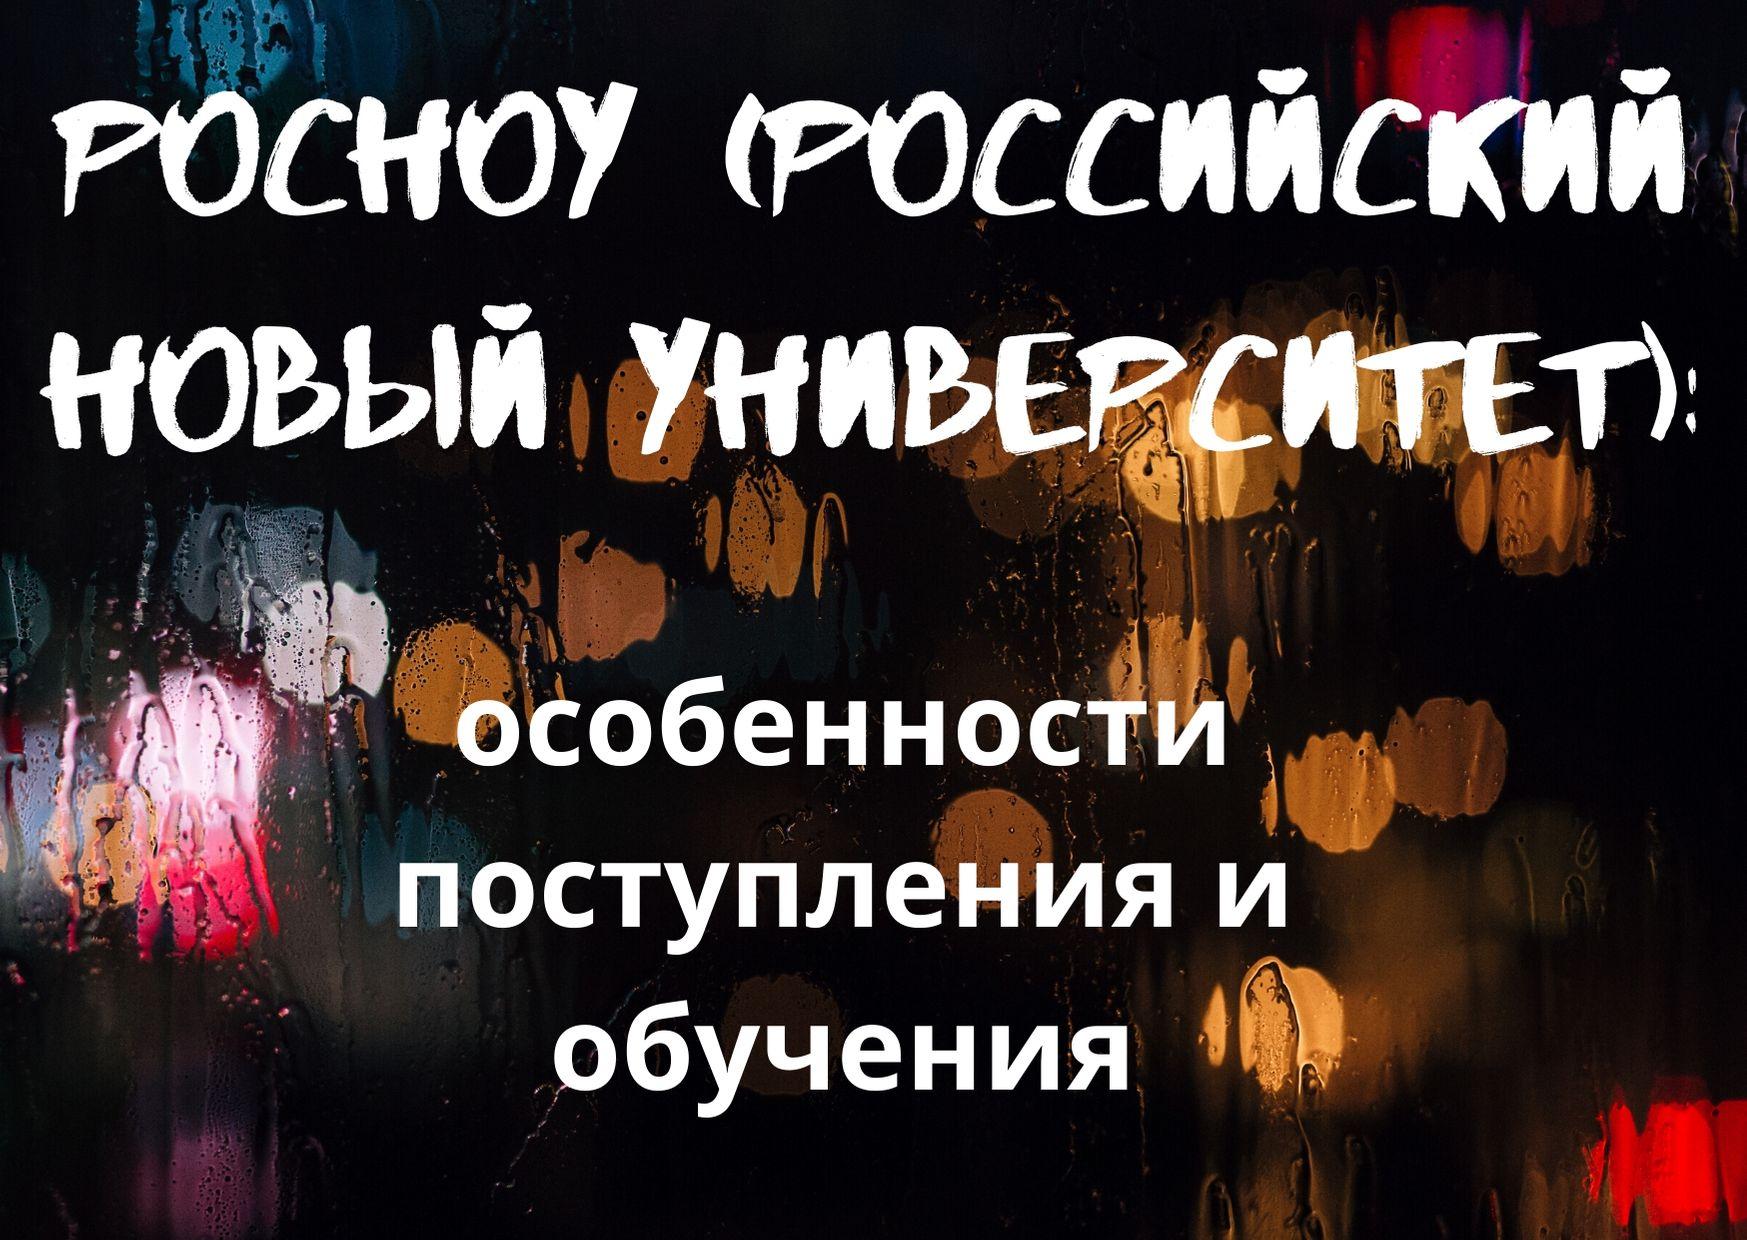 РосНОУ (Российский новый университет): особенности поступления и обучения